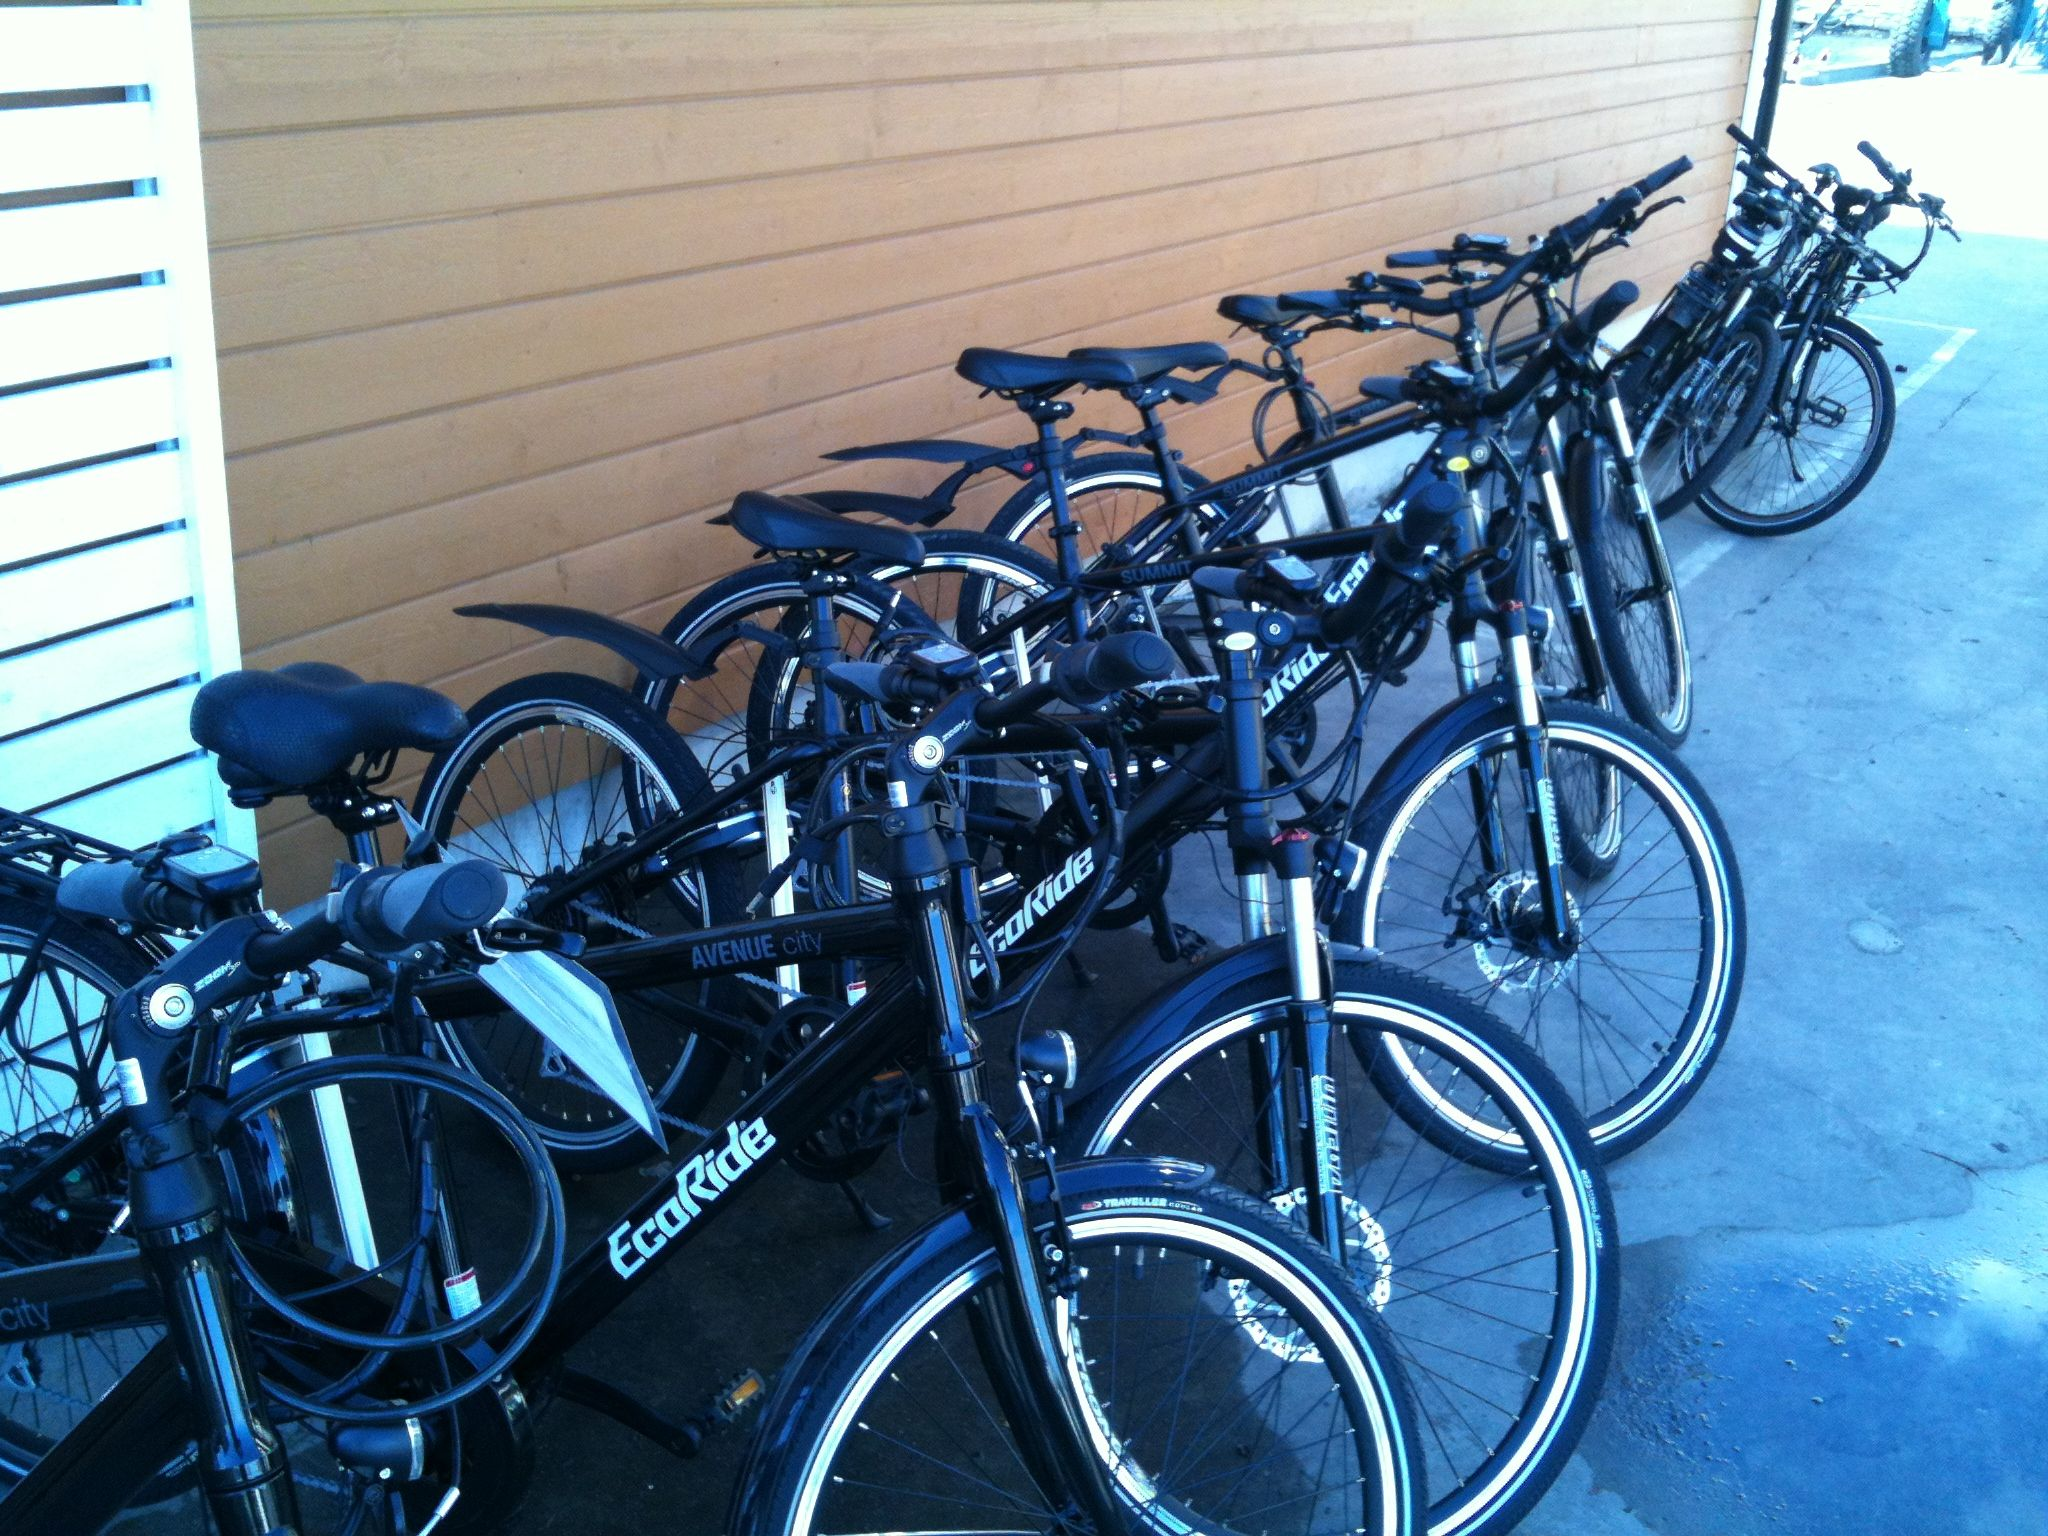 Sykkelutleie av el-sykler på Vollen Marina